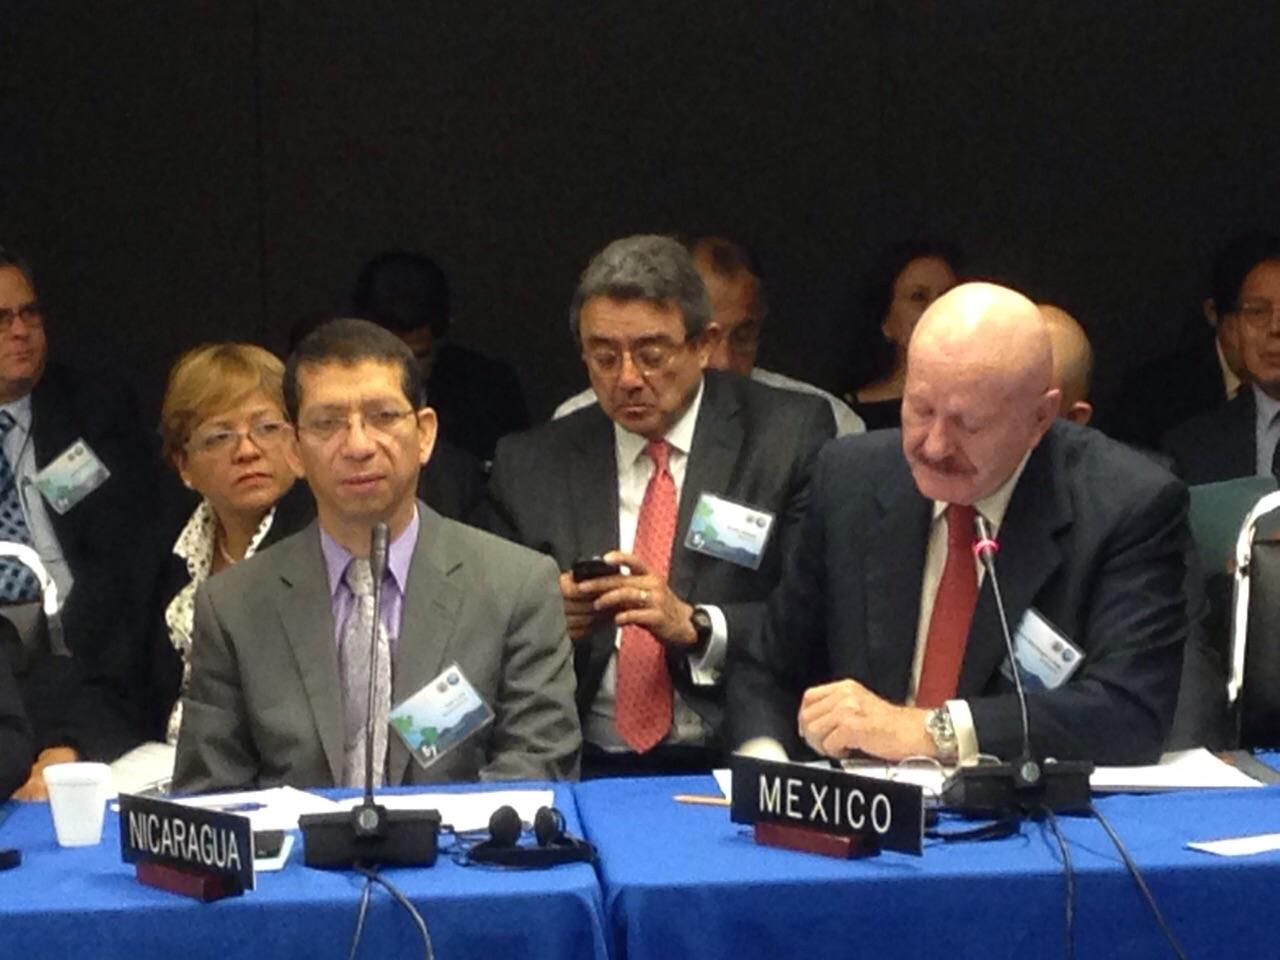 Doctor Manuel Mondragón y Kalb, titular de la Comisión Nacional contra las Adicciones